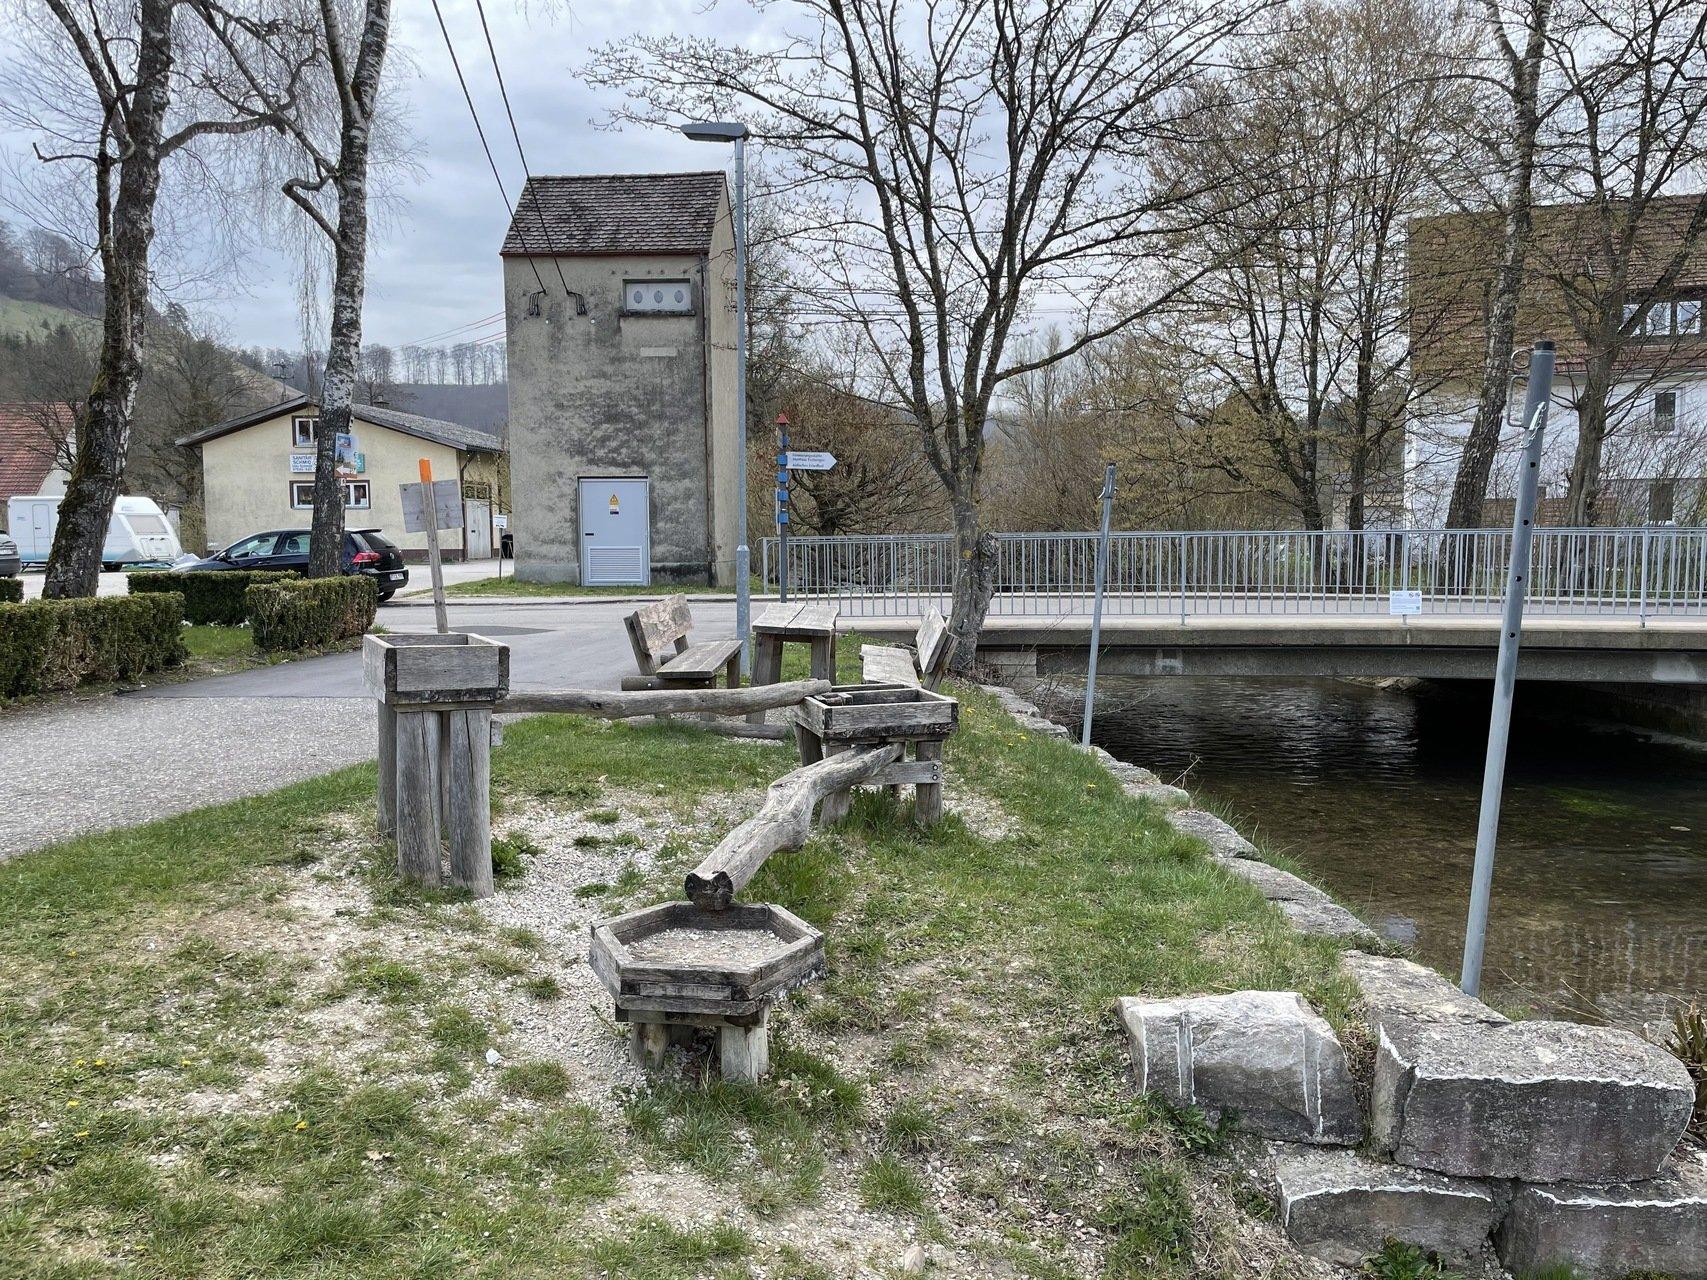 Im Vordergrund ein Wasserspiel aus Holz neben großen Granitsteinen auf der rechten Seite fließt ein Fluß im Hindergrund eine Brücke